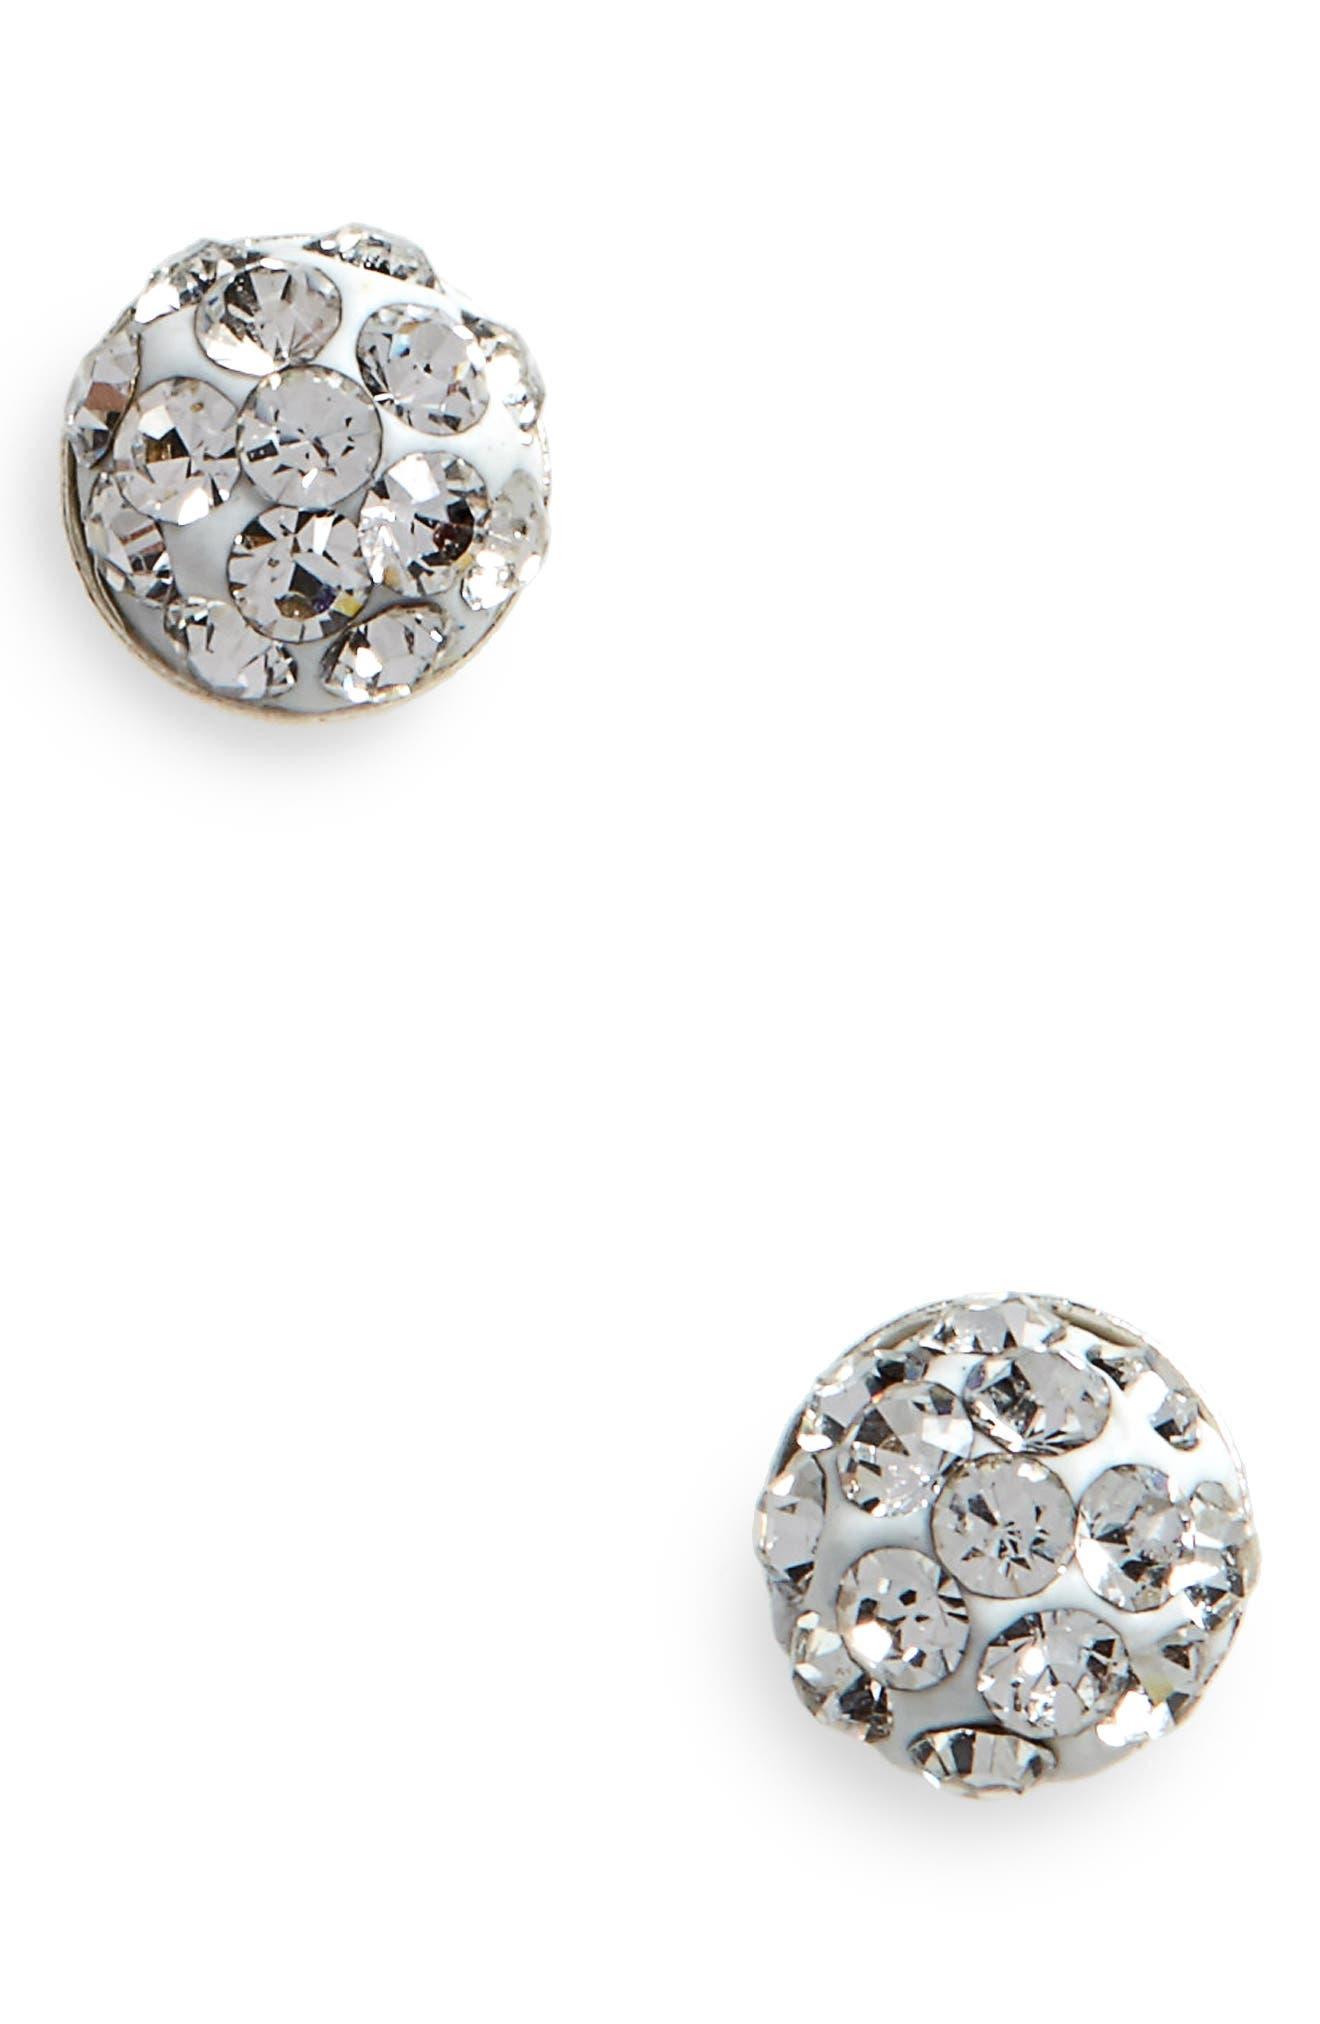 Alternate Image 1 Selected - Tomas Crystal & Sterling Silver Stud Earrings (Girls)